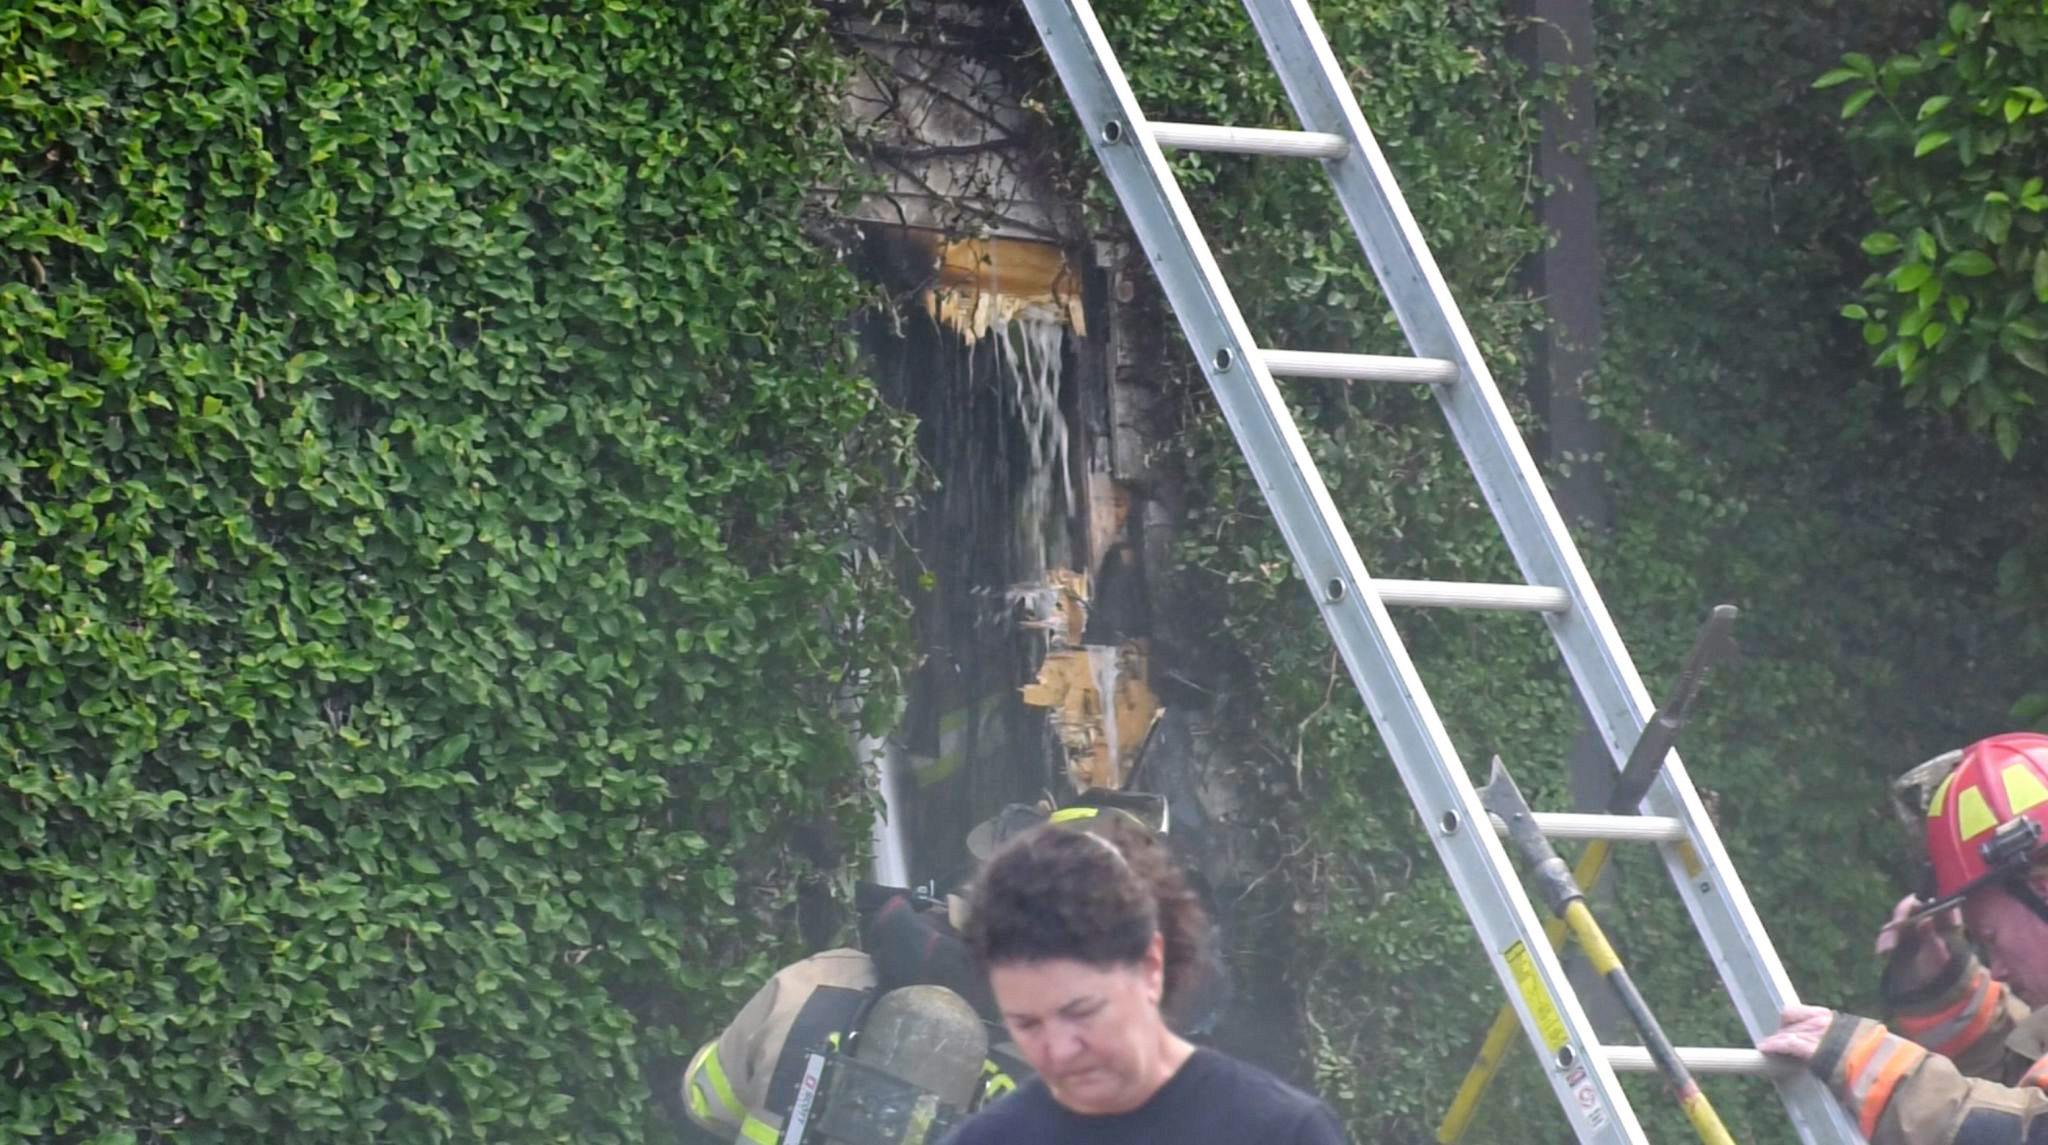 Fire breaks out at Backstreet Cafe in River Oaks